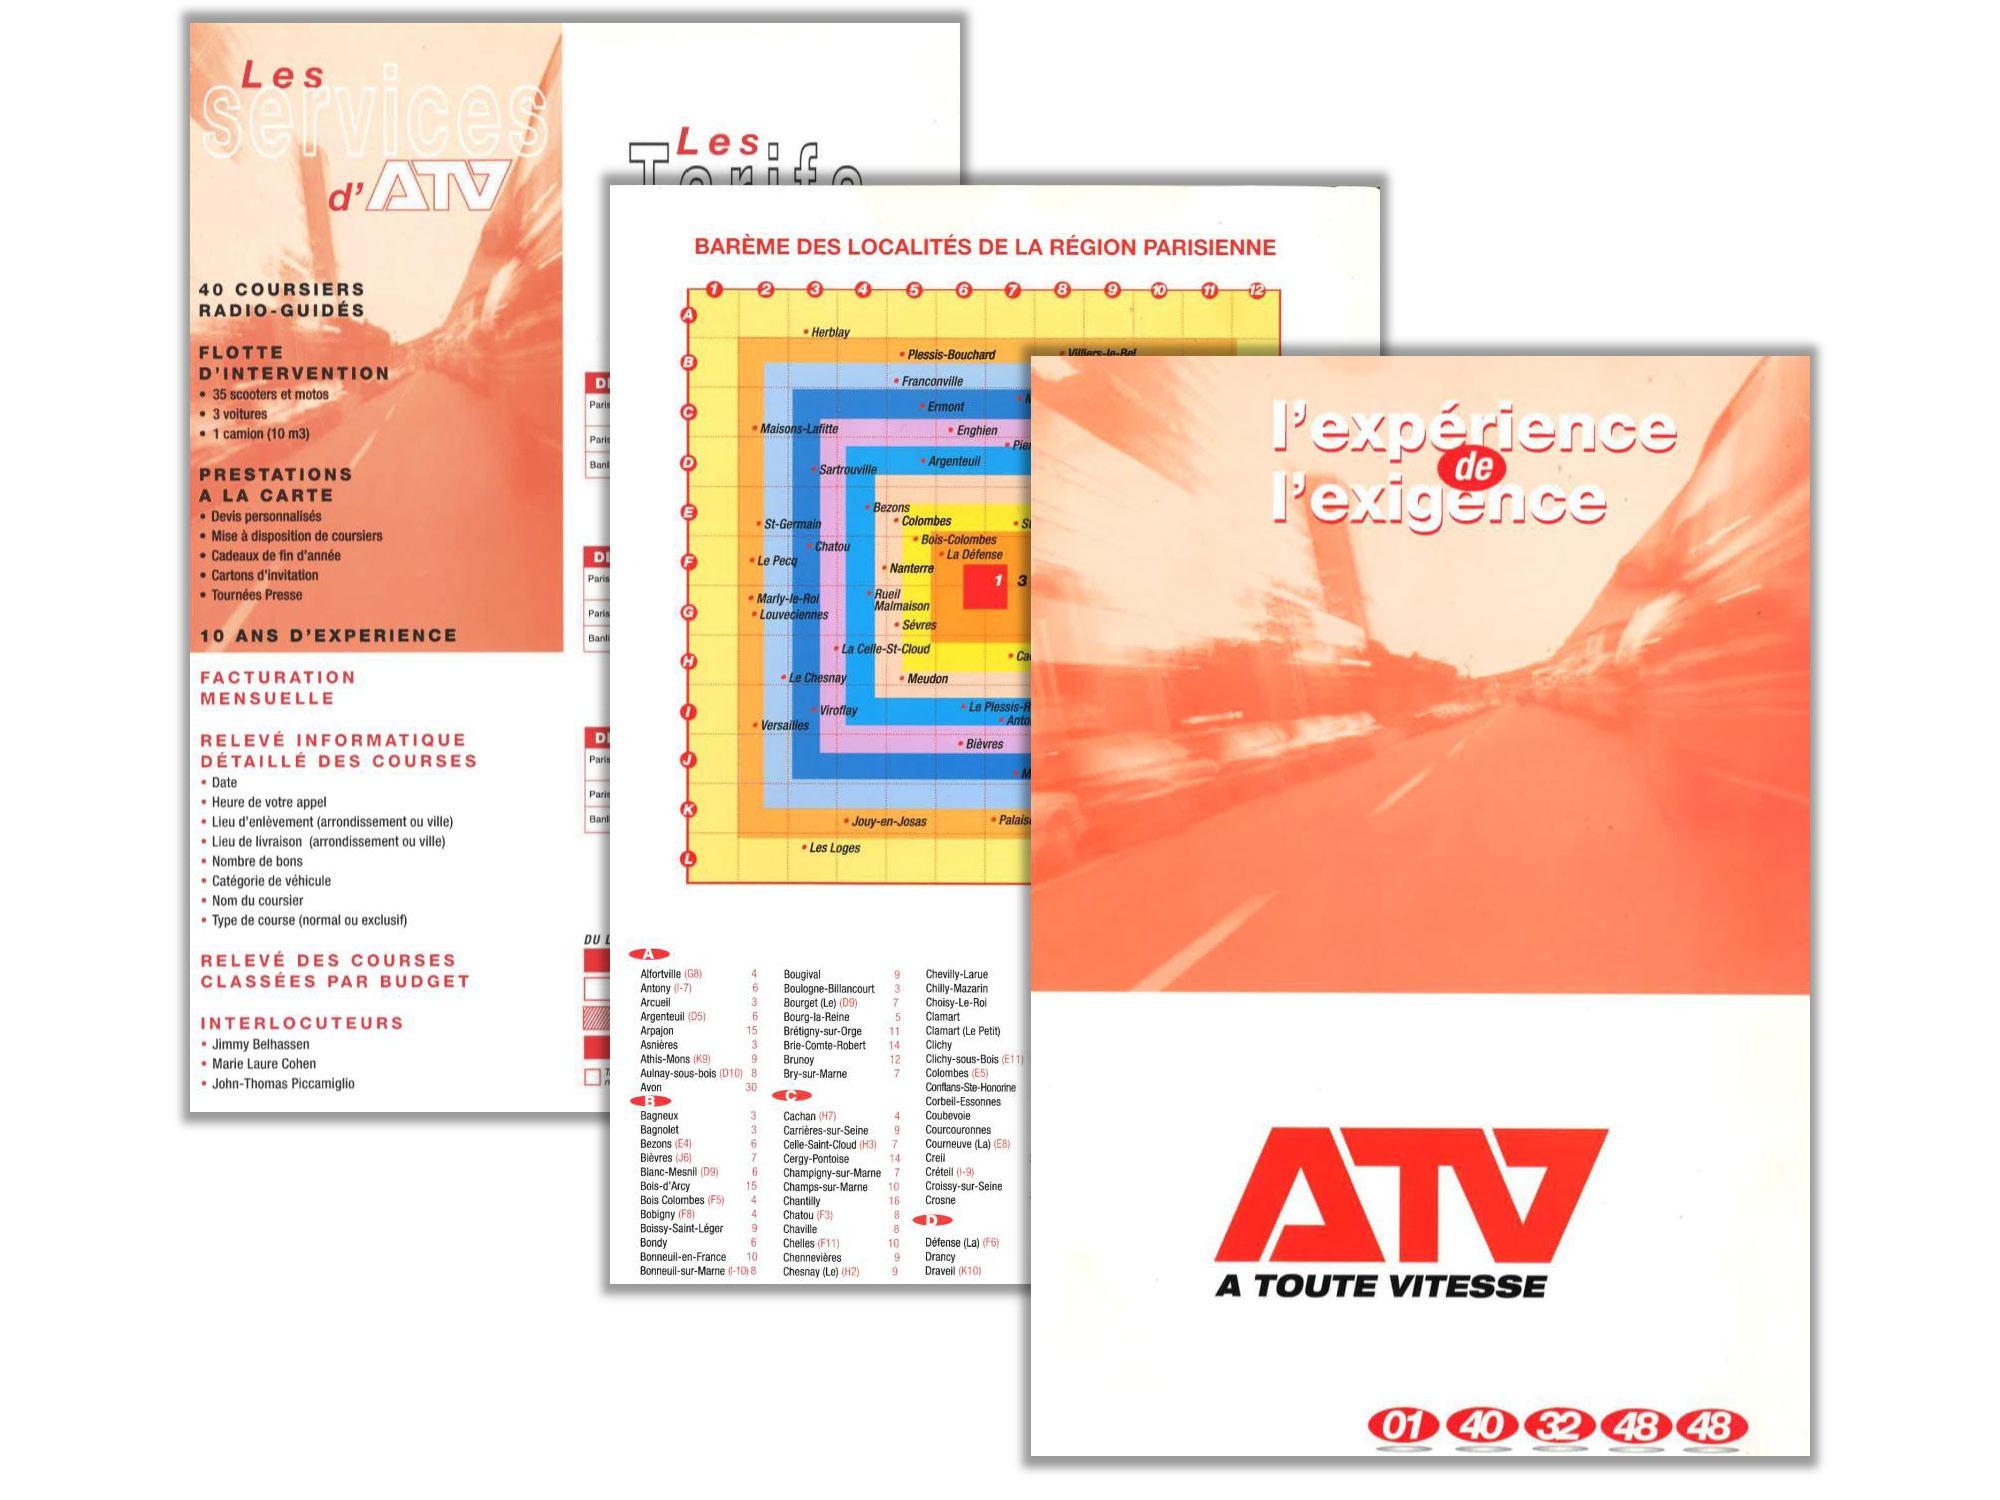 Plaquette ATV - 2001